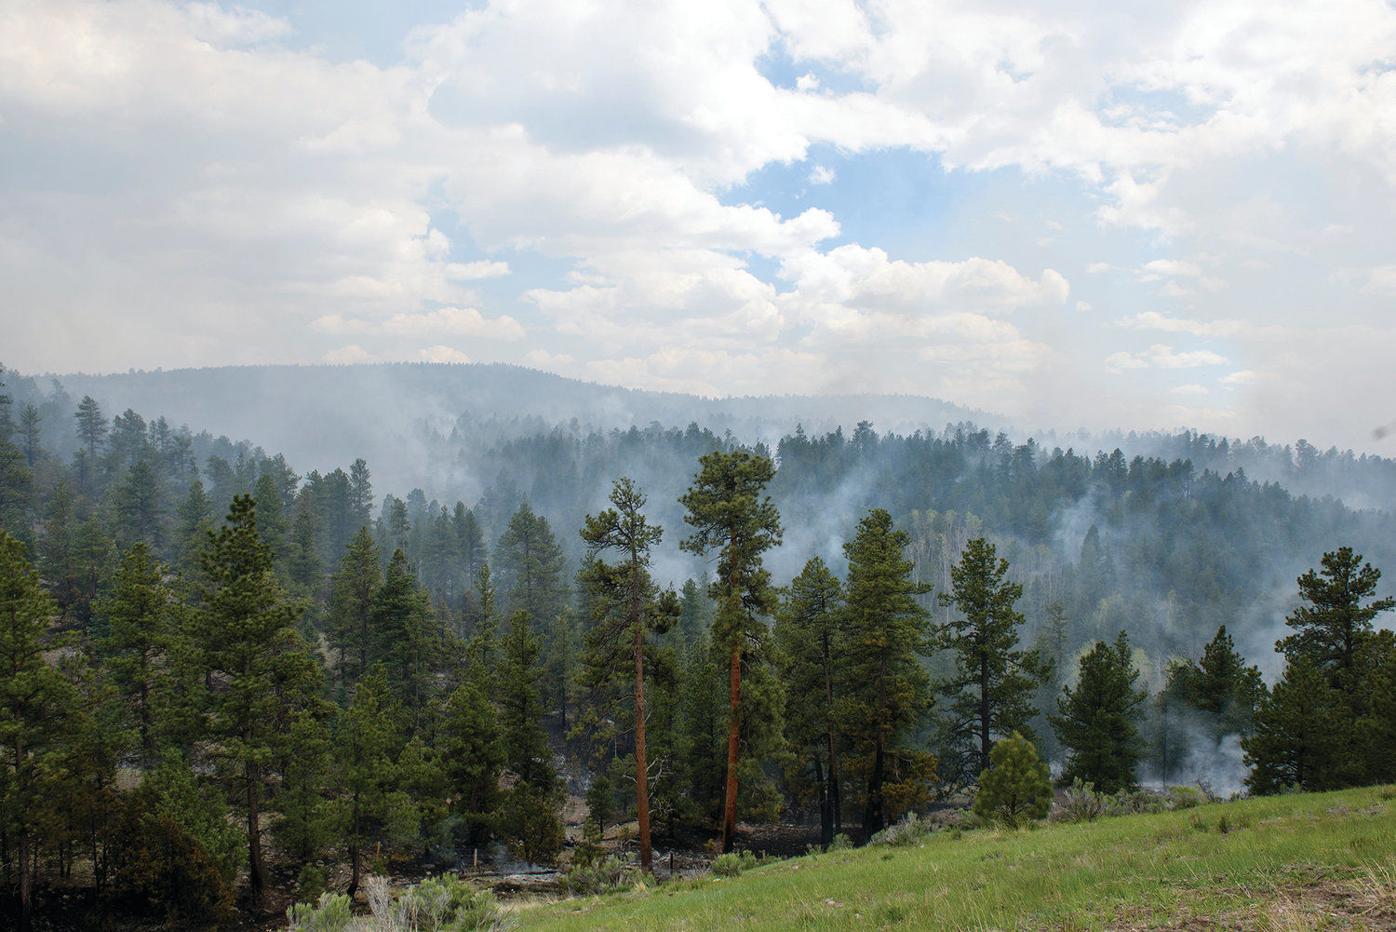 Carson National Forest postpones prescribed burns